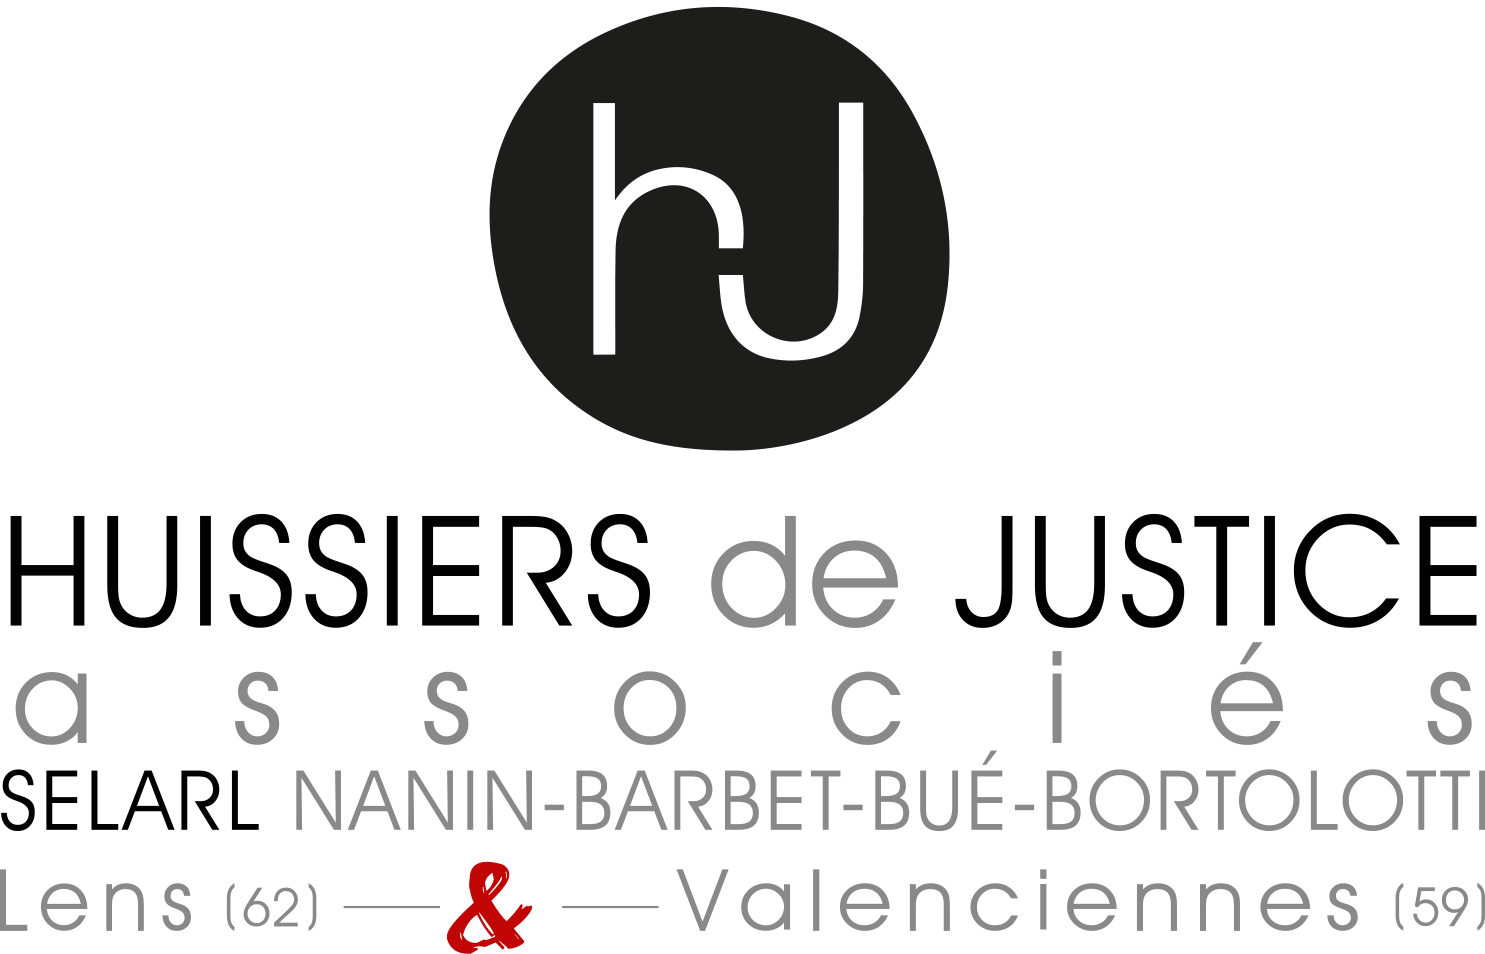 SELARL NANIN - BARBET - BUE - BORTOLOTTI Huissiers de Justice à Lens dans le Pas de Calais (62)